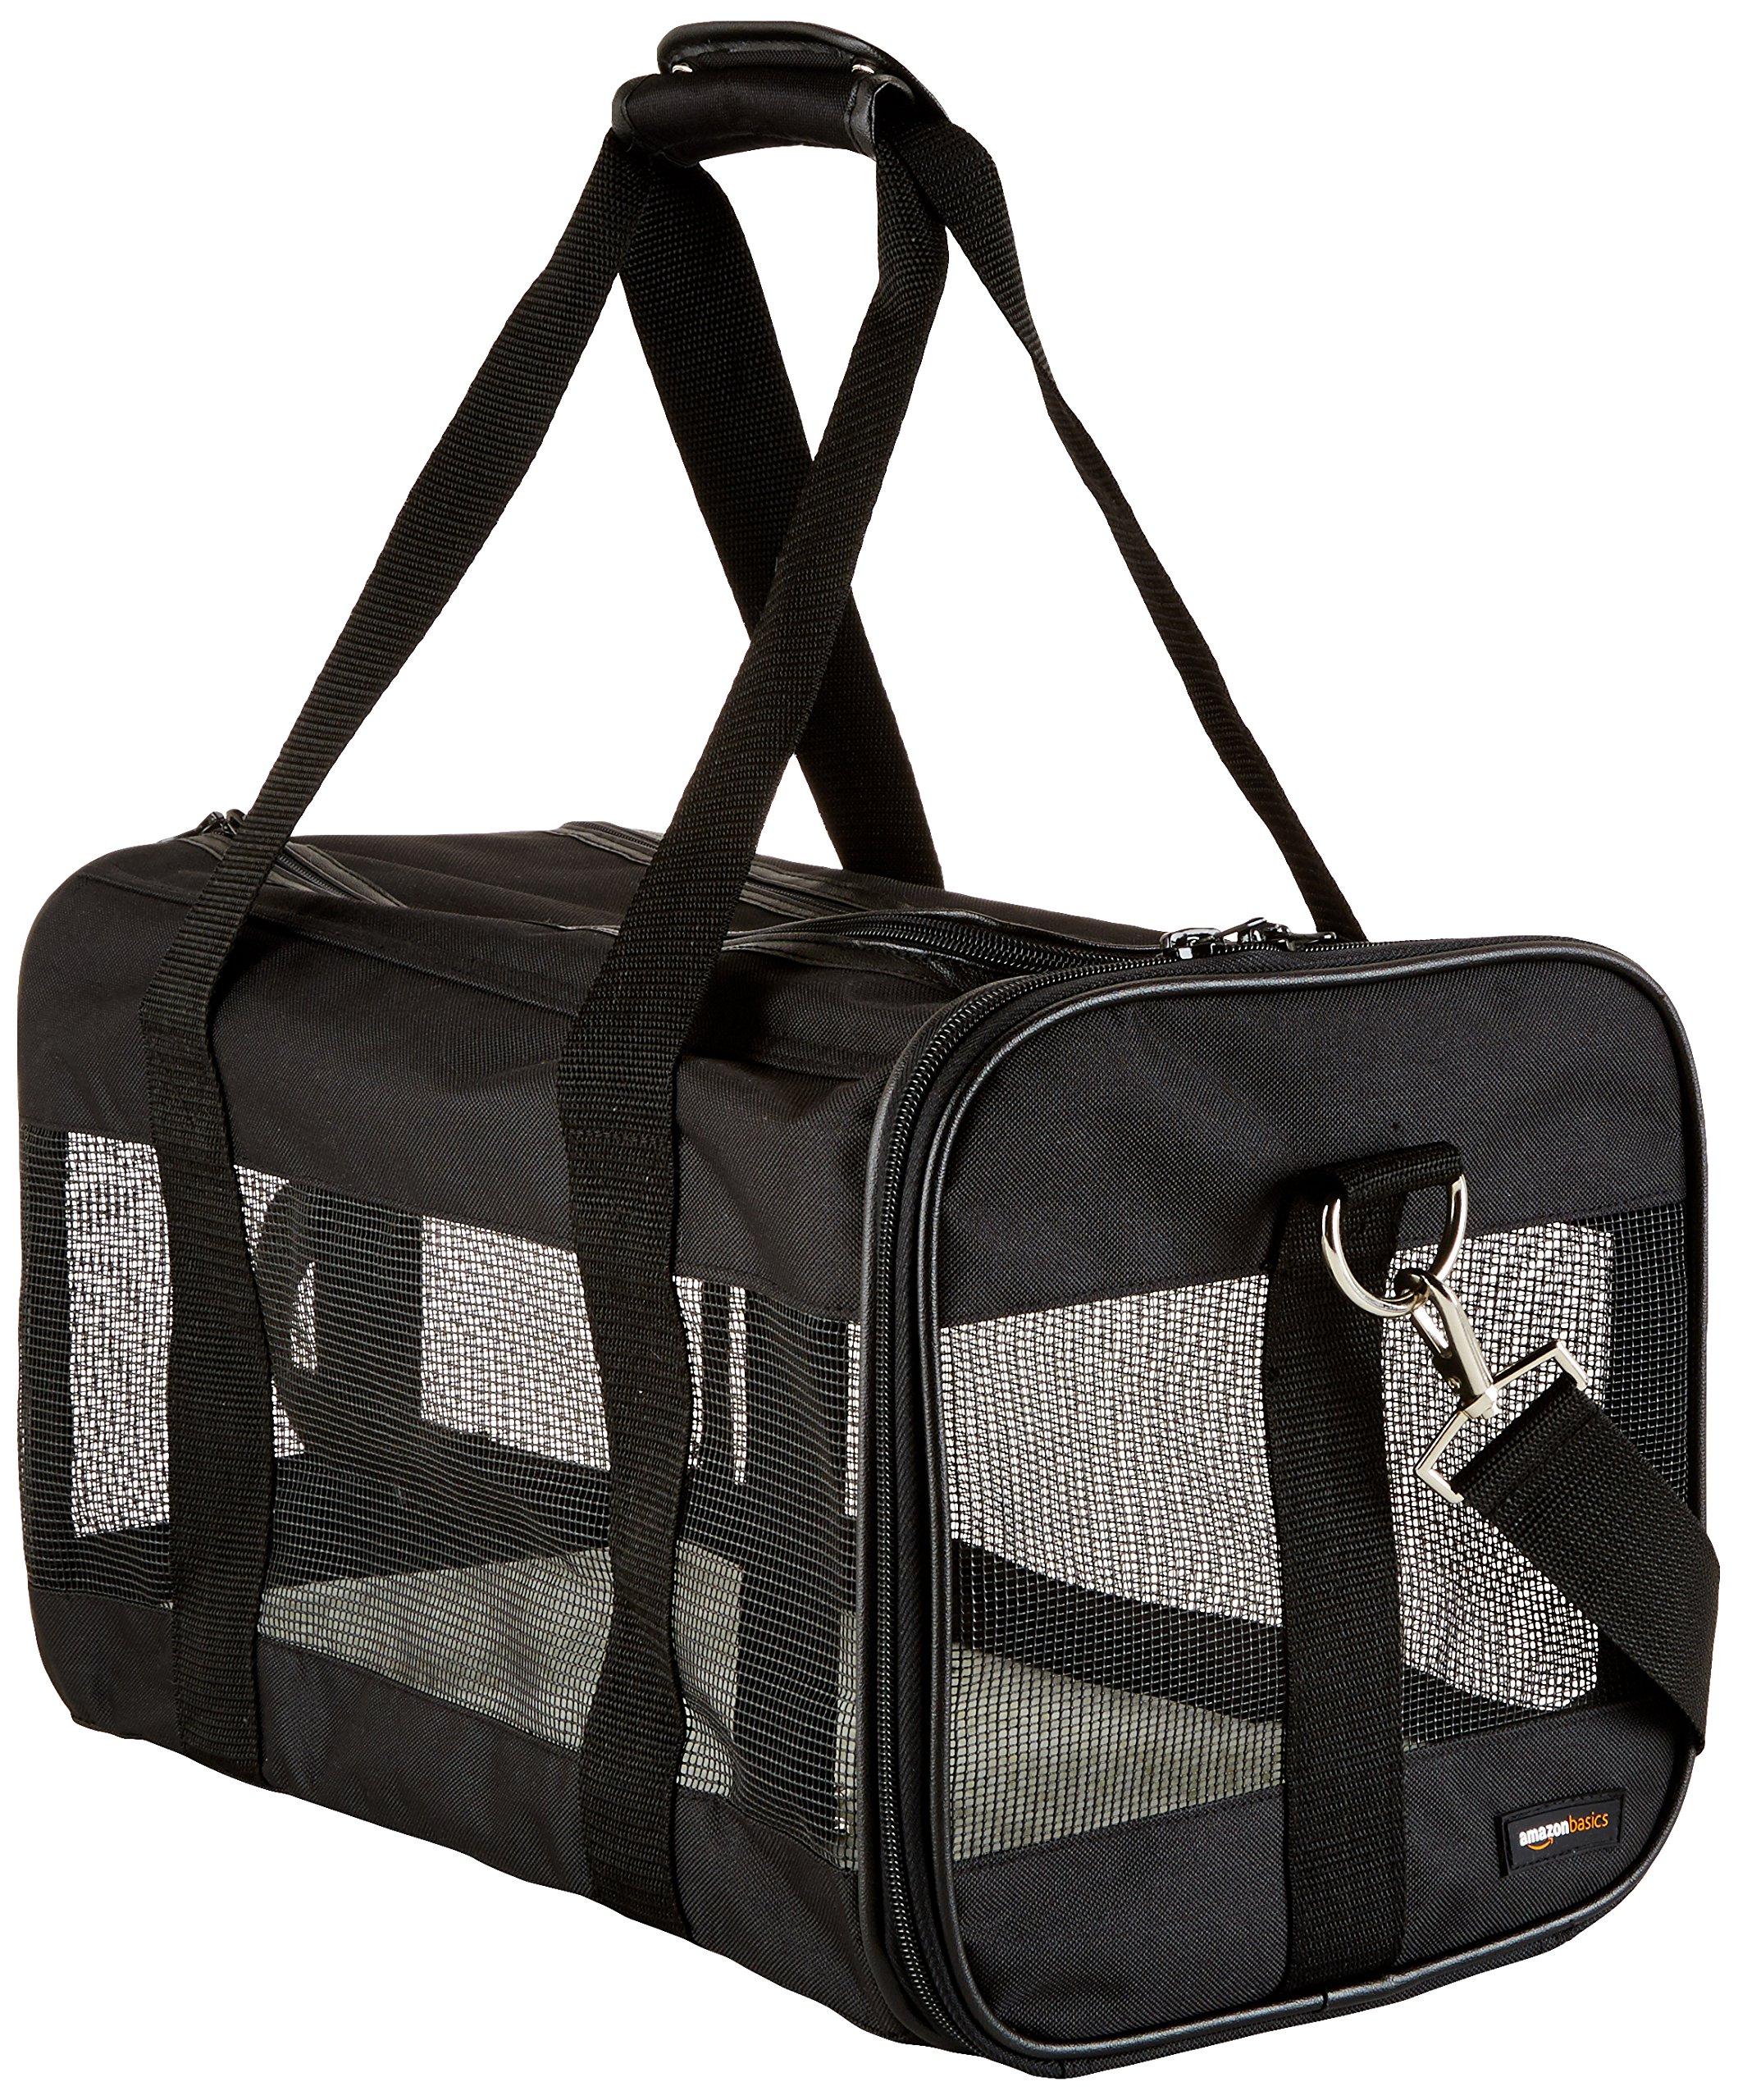 AmazonBasics Black Soft-Sided Pet Carrier - Medium product image